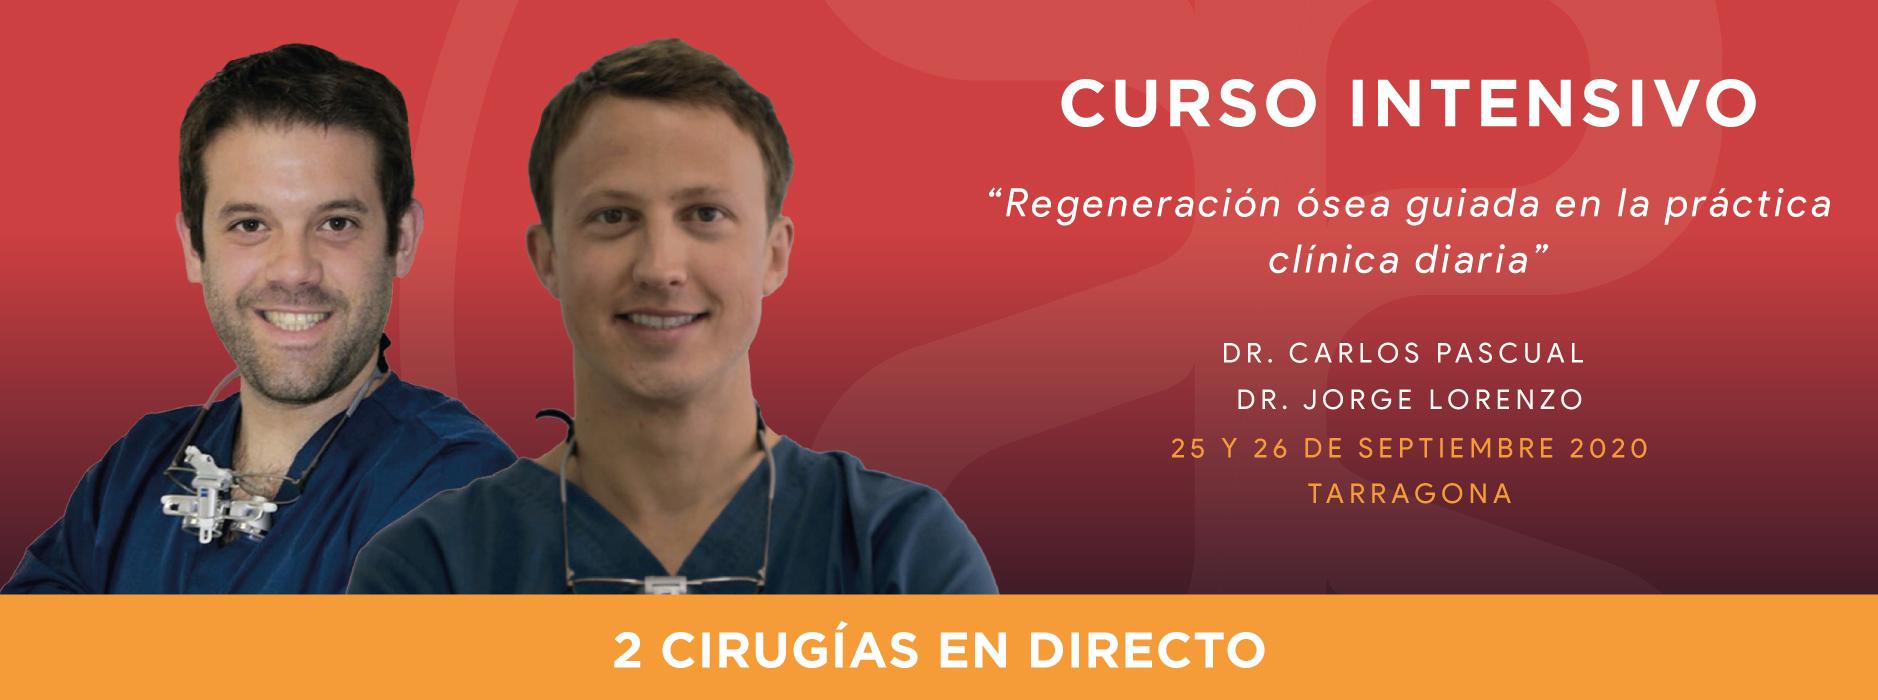 Curso intensivo Dres. Carlos Pascual y Jorge Lorenzo